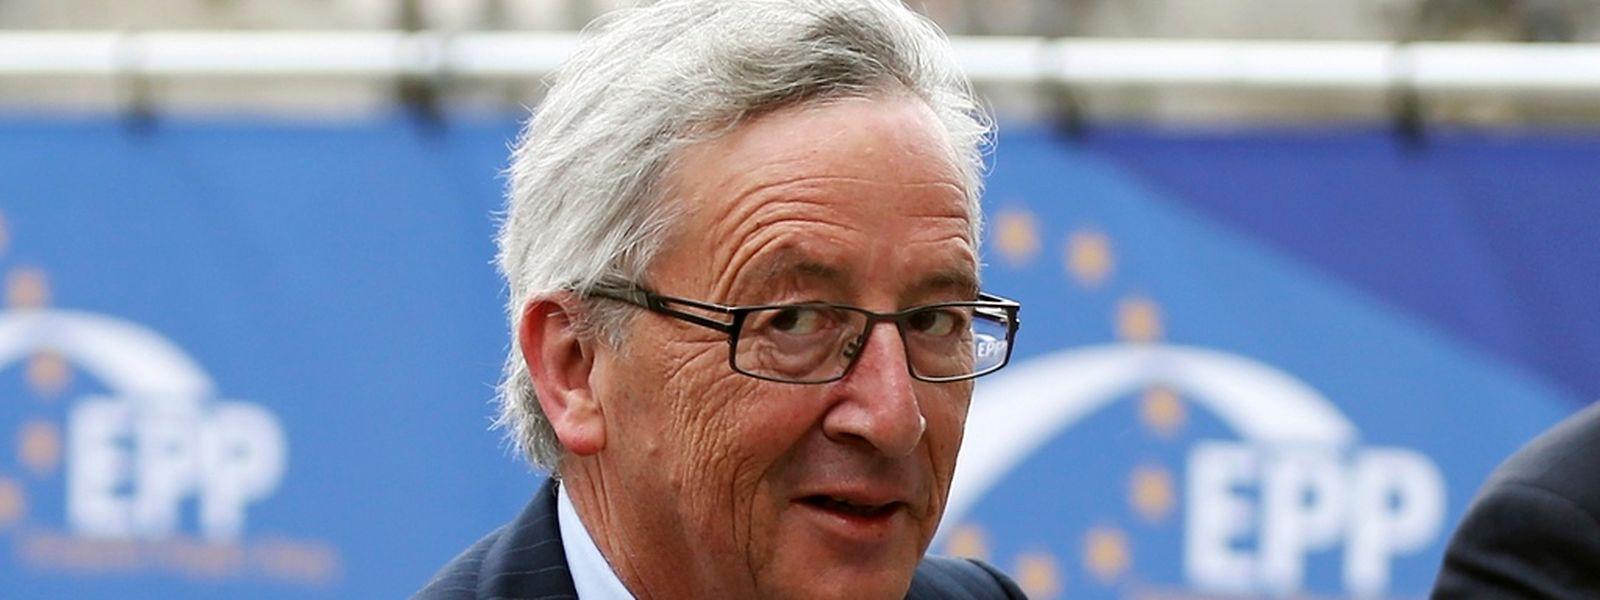 Brüsseler Kreise: Jean-Claude Juncker zieht in Betracht, auch als amtierender Kommissionspräsident zwischen Brüssel und Luxemburg zu pendeln.